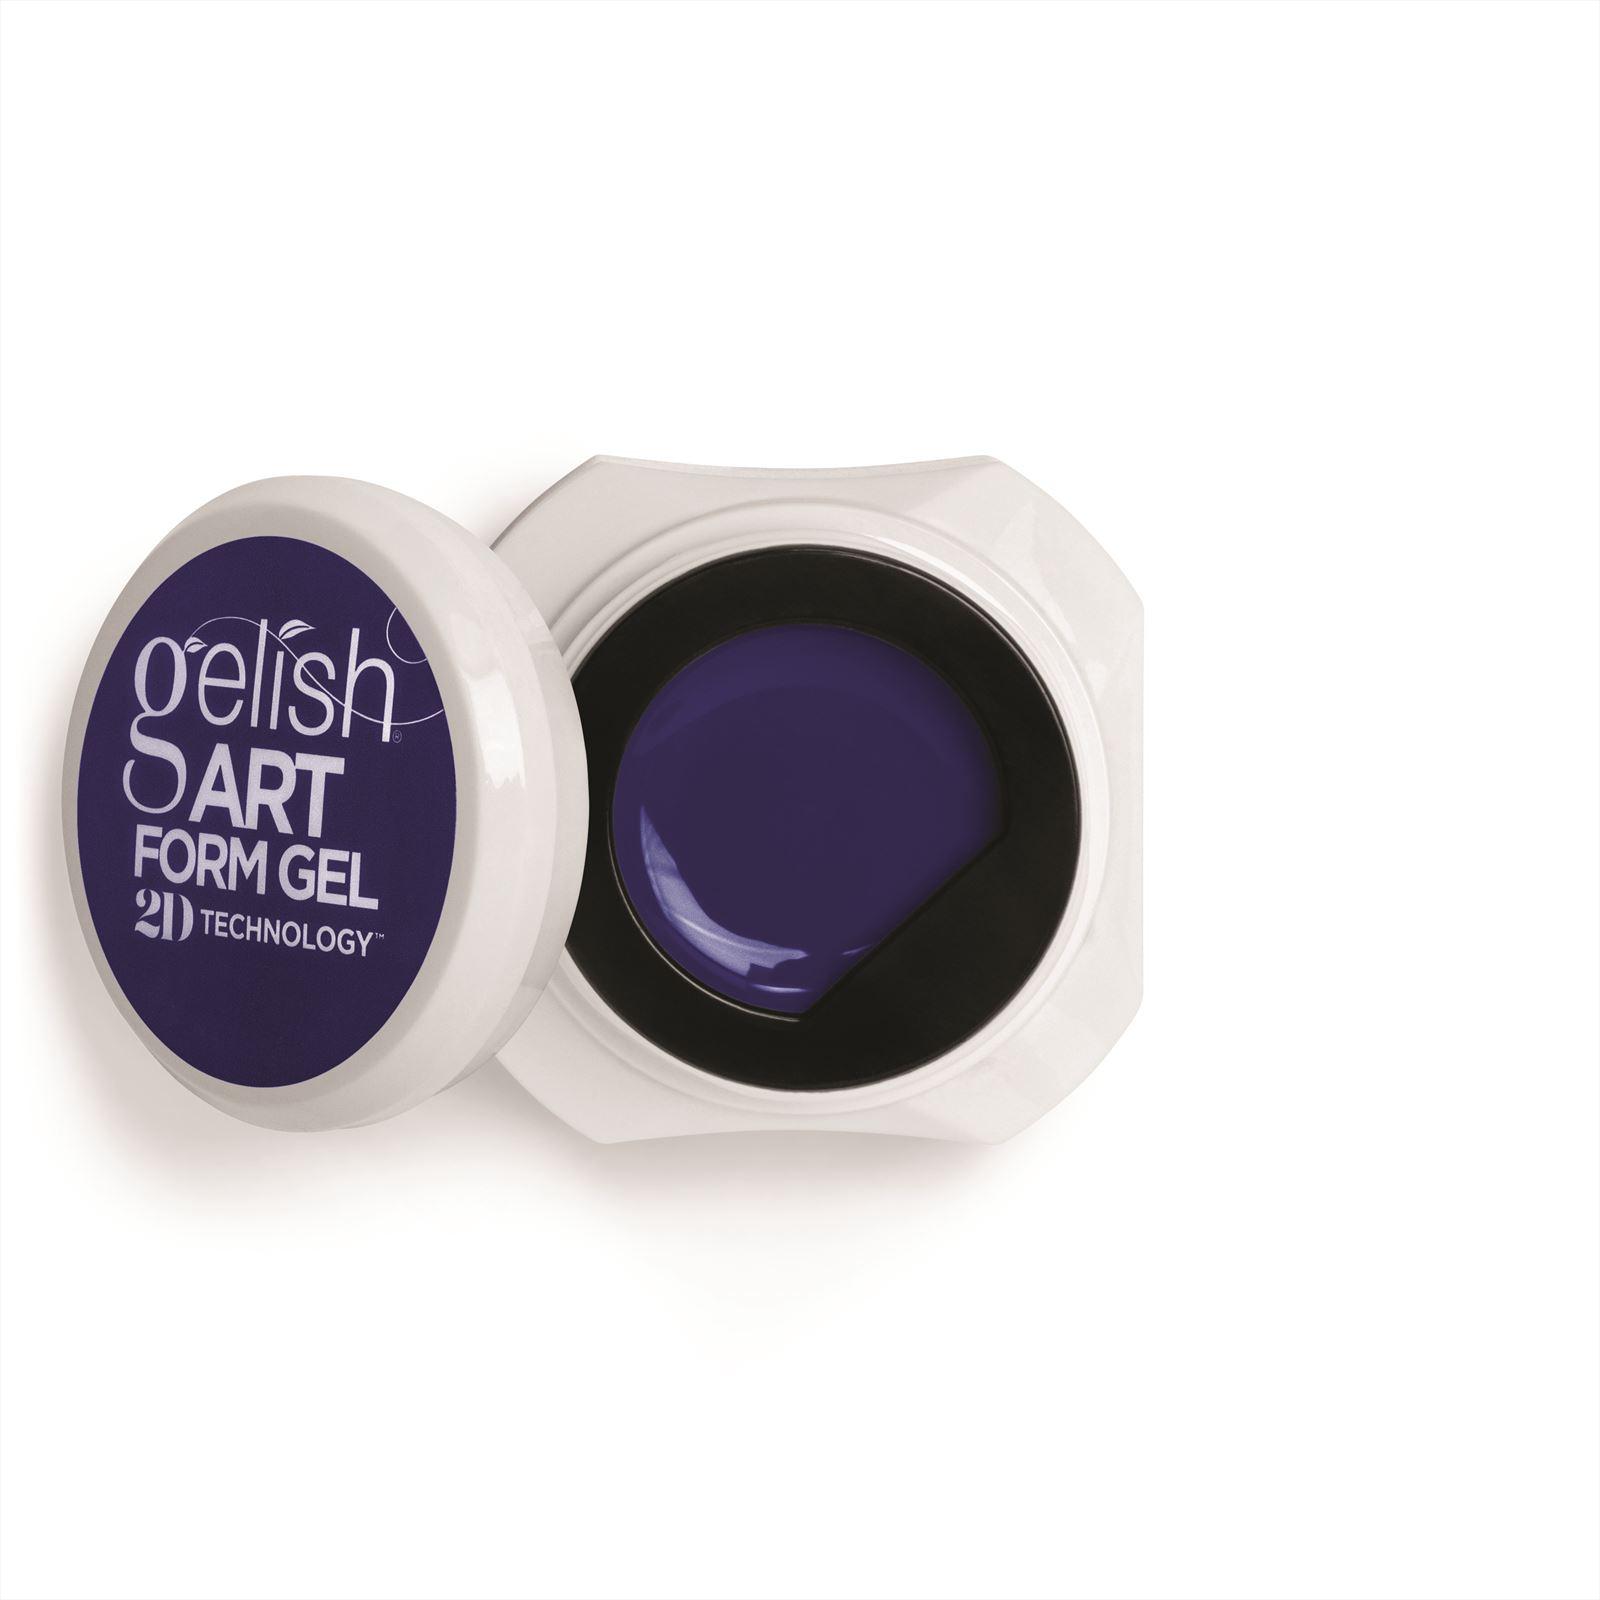 Afbeelding van Gelish 2D Artformgel Essential Blue